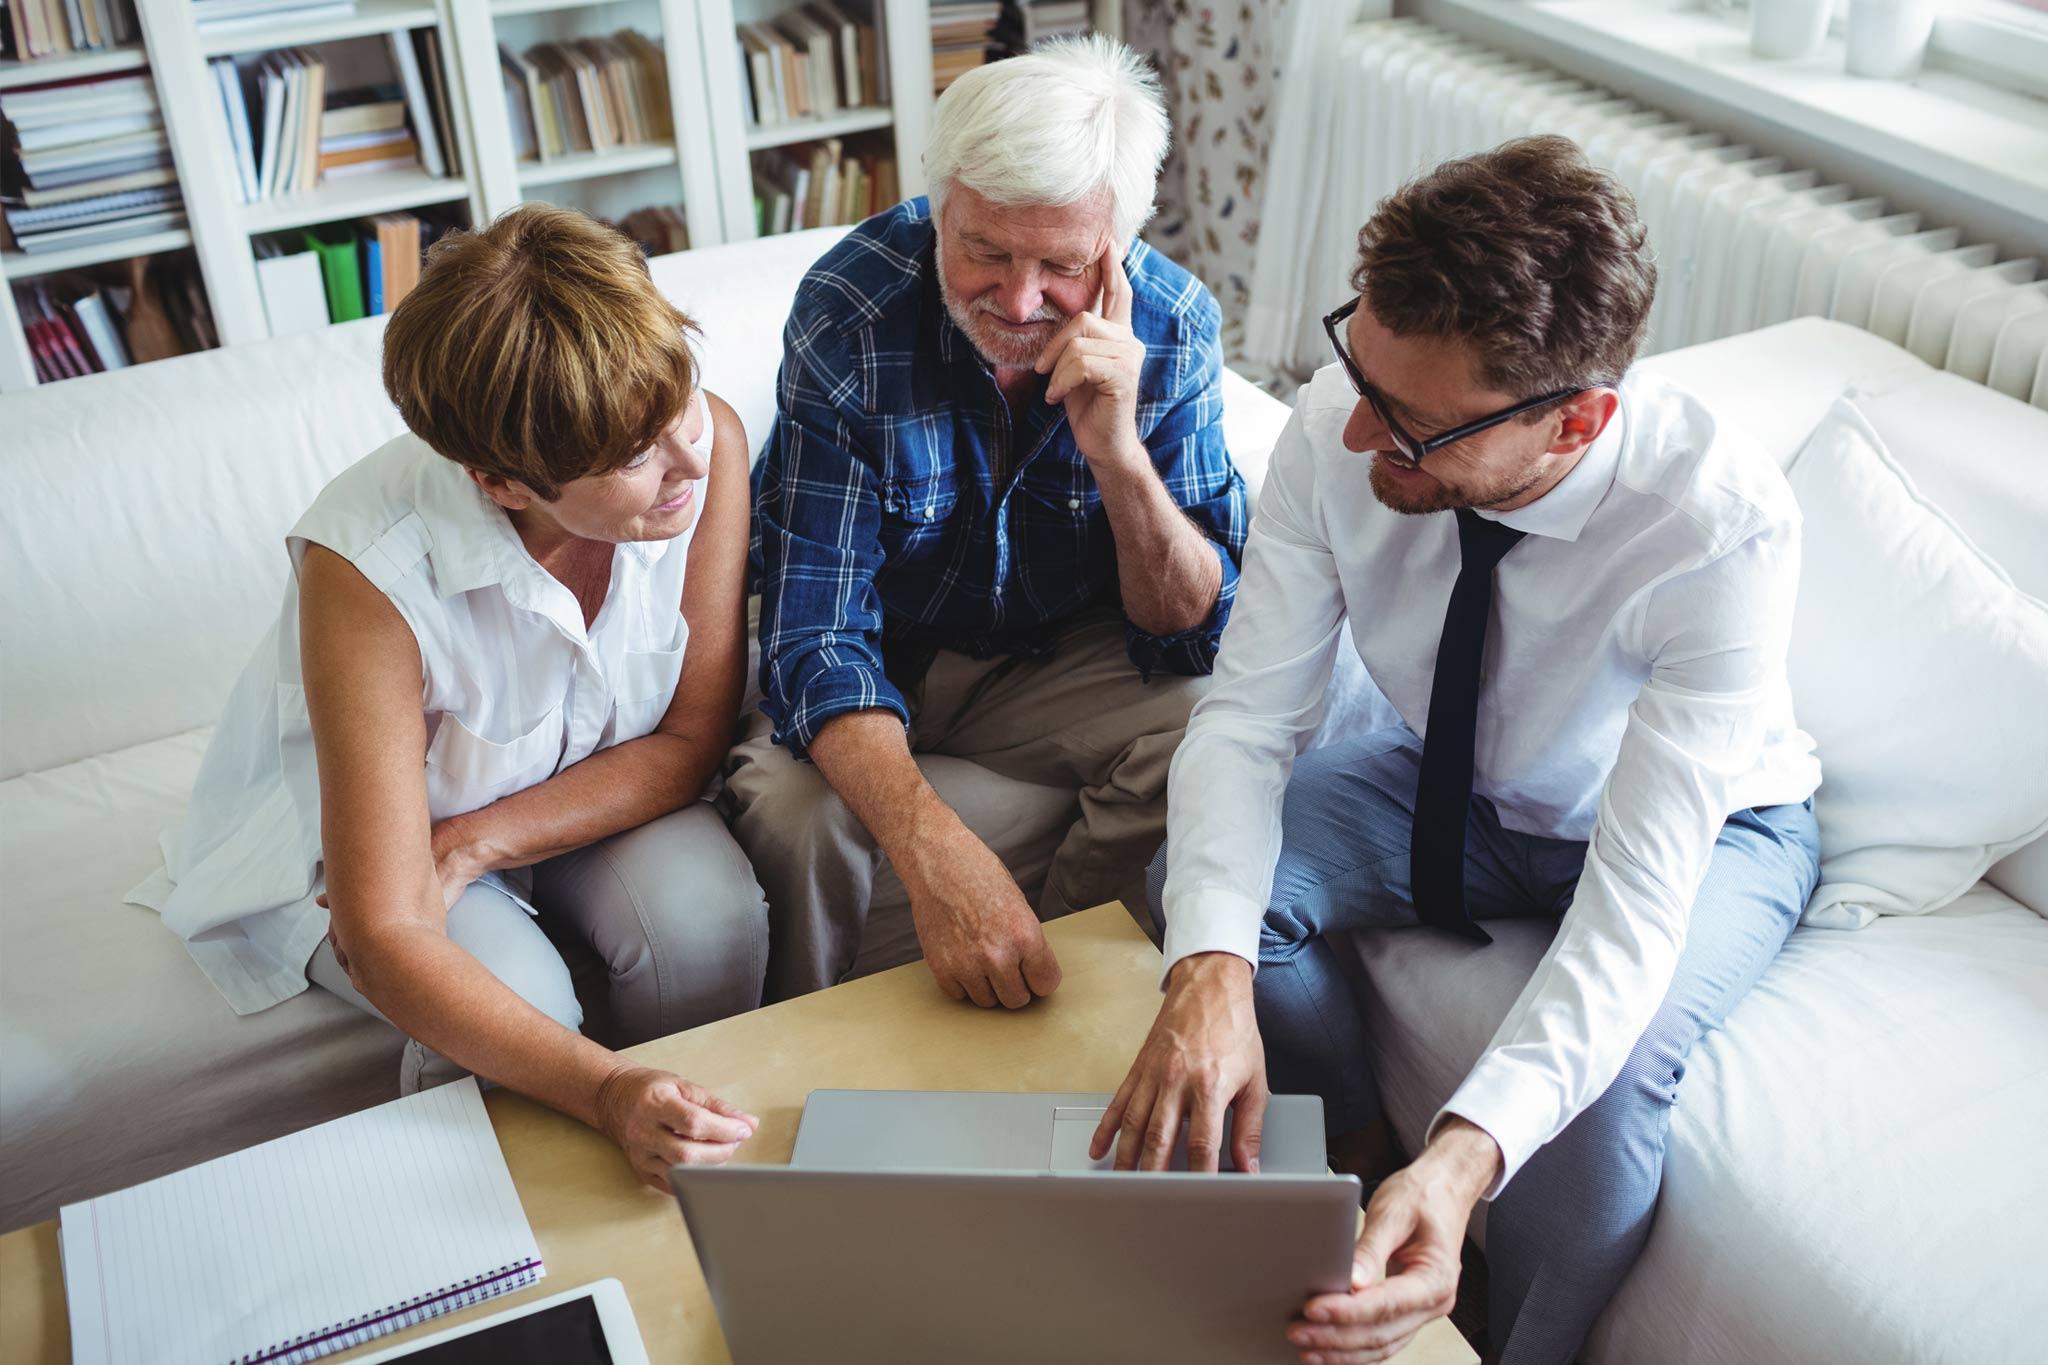 TECHNIKBERATUNG & SCHULUNG - Sie planen z.B. den Kauf eines neuen Laptops? Wir helfen Ihnen zu klären welches und beraten Sie, ob es nicht gar eine bessere Lösung gibt. Da wir unabhängig und provisionsfrei arbeiten, suchen wir in dieser Kaufberatung den Markt kritisch aber konstruktiv unter Berücksichtigung Ihres Budgets ab. Dabei finden wir für Sie das Gerät, das am besten zu Ihnen passt. Auf Wunsch richten wir Ihren Computer ein und stehen immer an Ihrer Seite mit weitreichender Hilfestellung in Software & Programmen, Druckeranschluss, Internetzugang, Reparaturen, WLAN & Netzwerk und mehr!